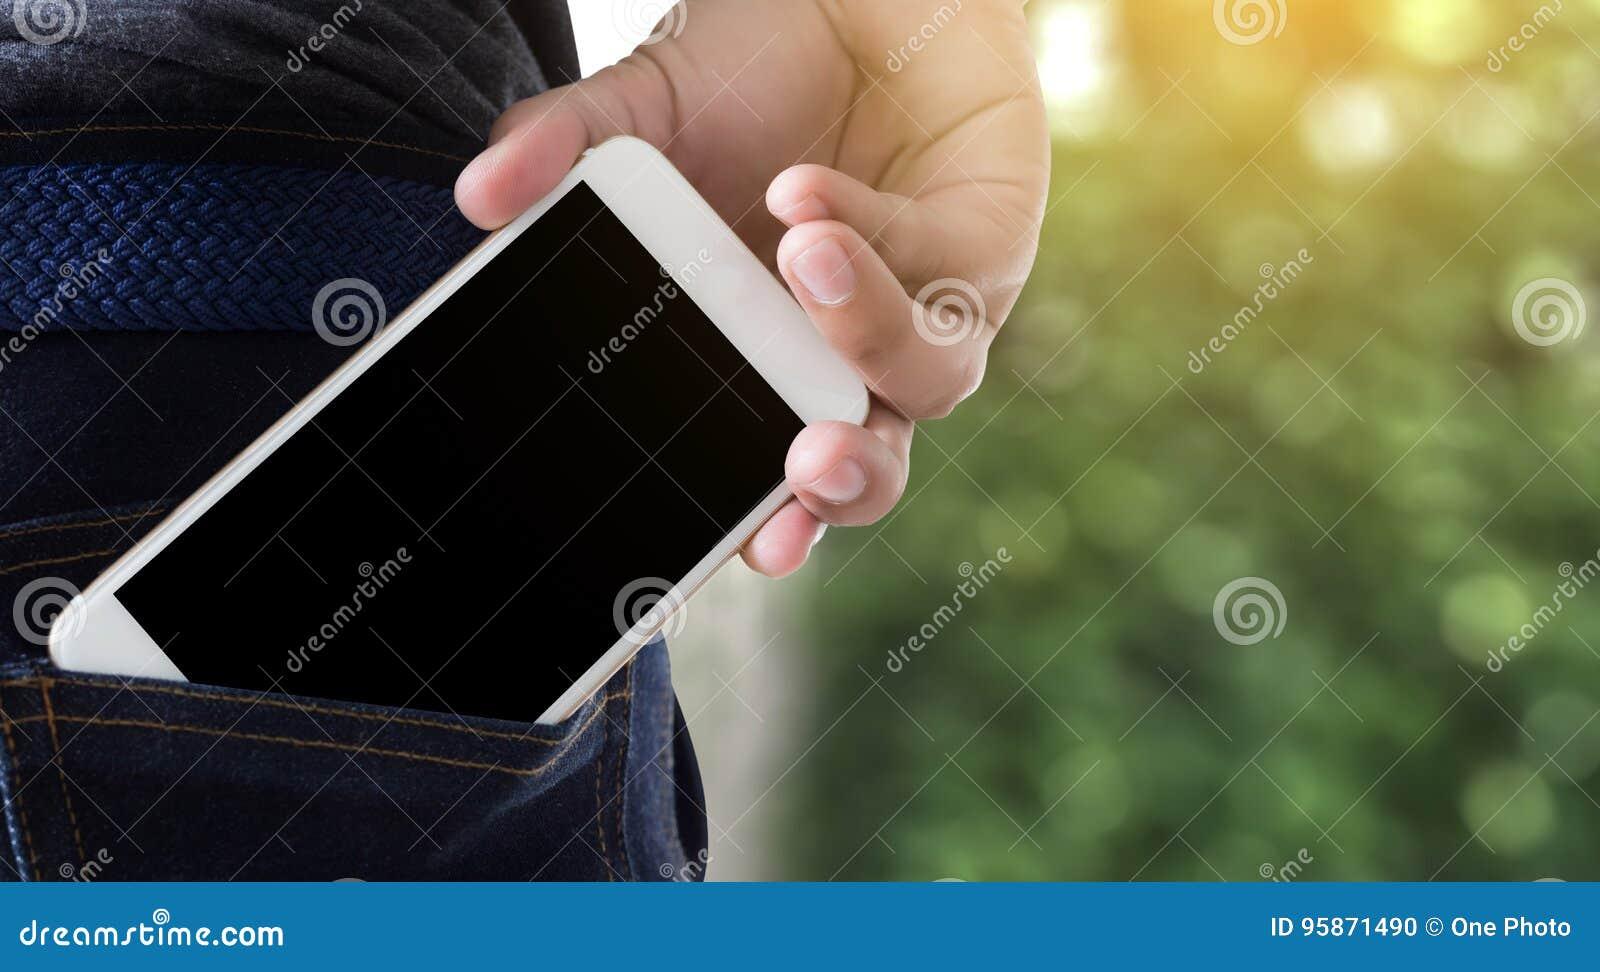 Las actitudes hermosas jovenes dan la copia de la comunicación del bolsillo del teléfono móvil